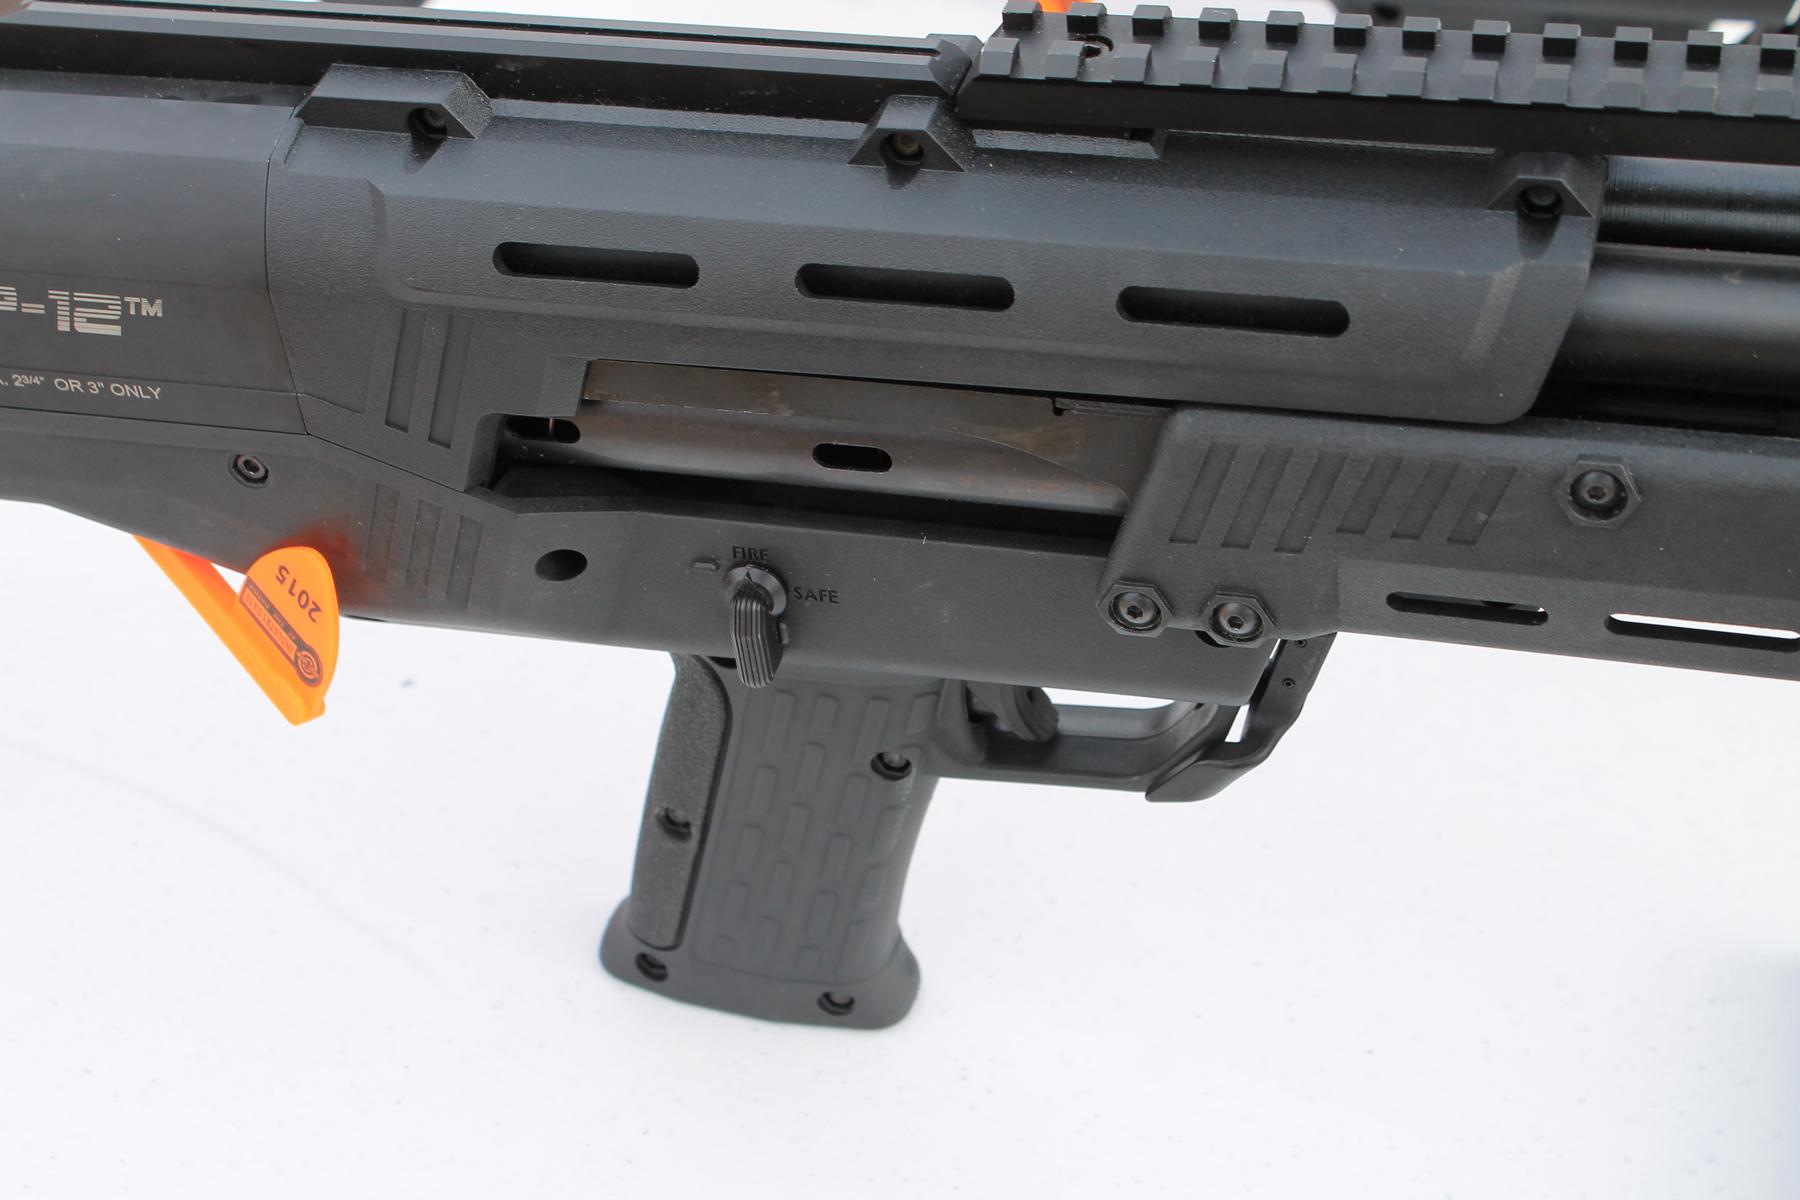 Standard DP-12 controls